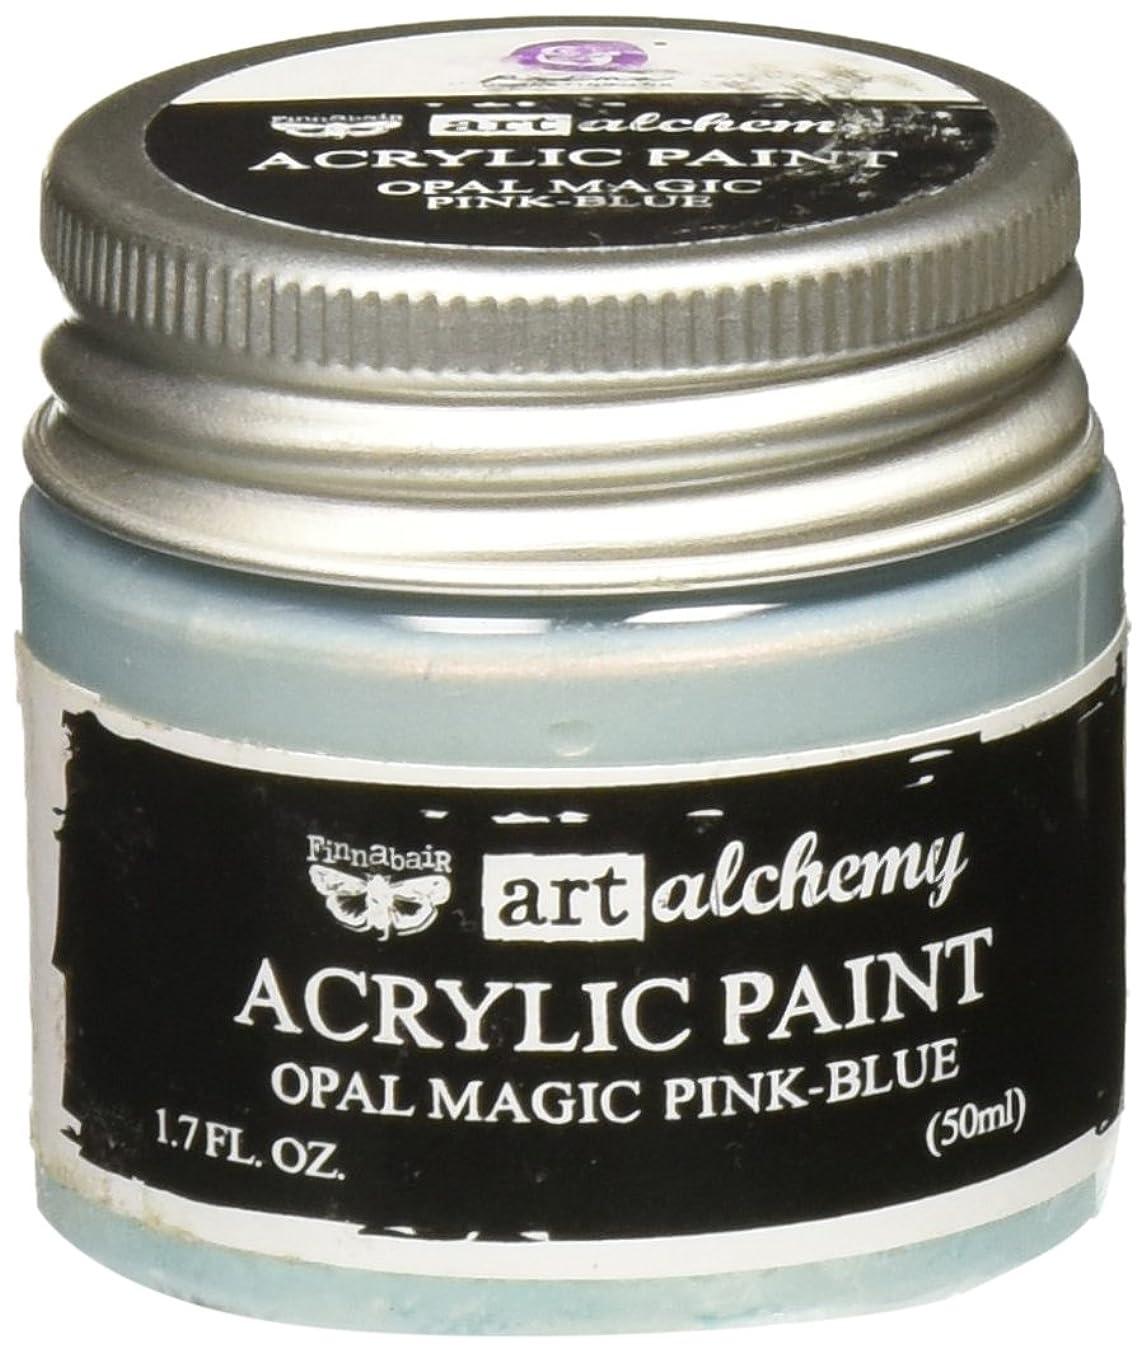 Prima Marketing 963668 Finnabair Art Alchemy Acrylic Paint, 1.7 fl. oz, Opal Magic Pink/Blue